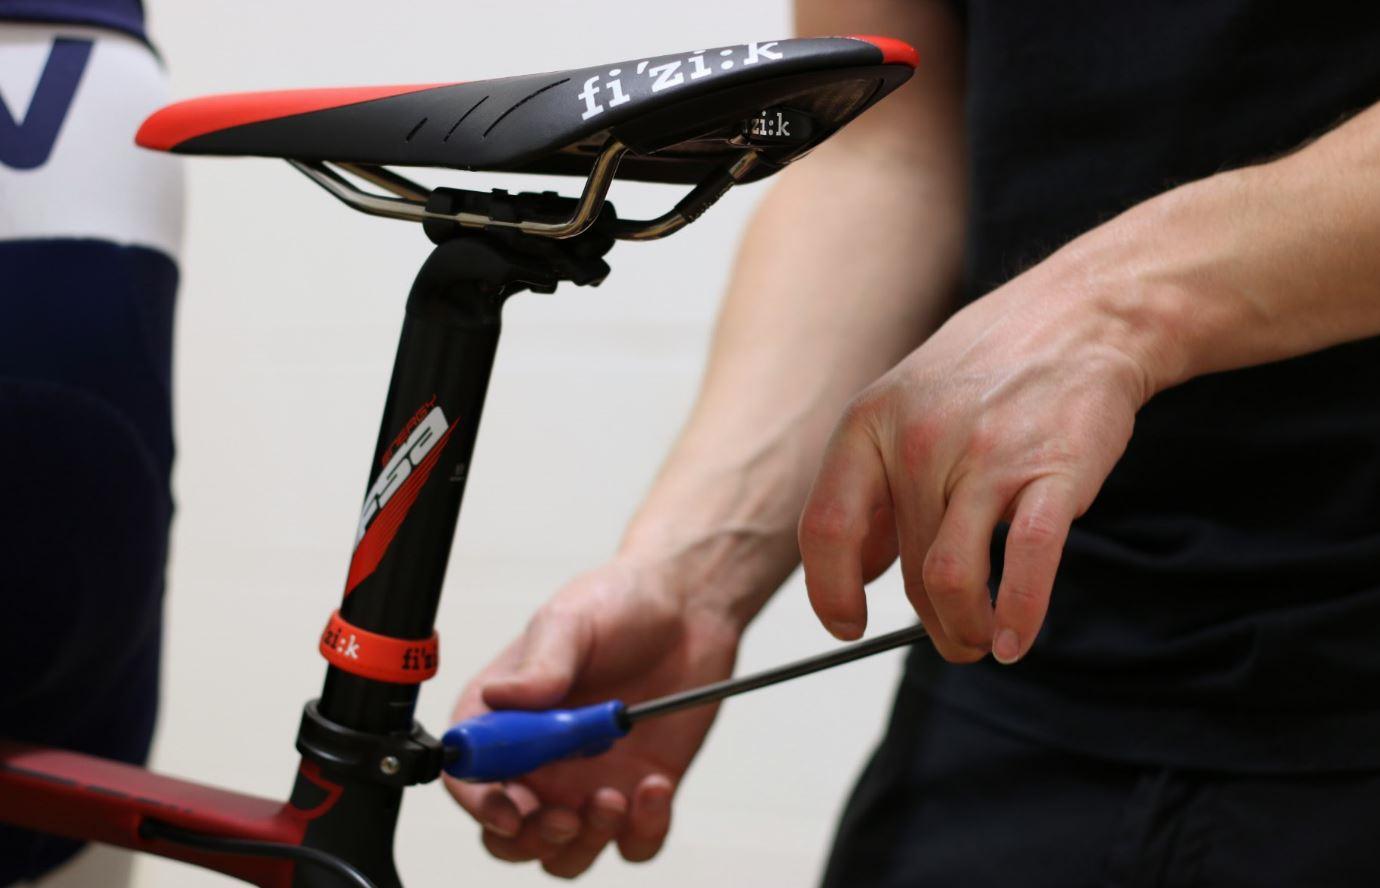 fitting bike